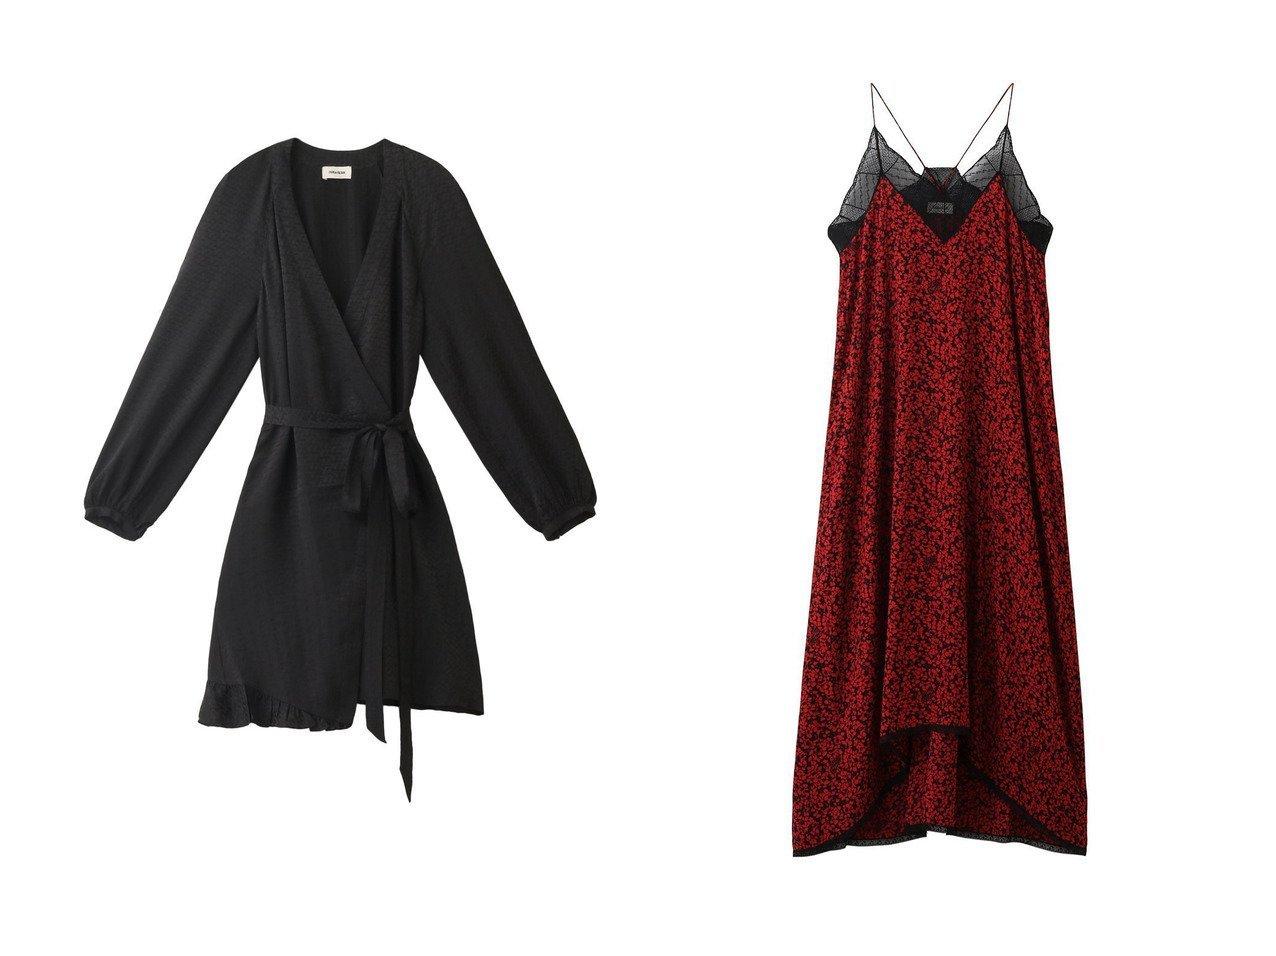 【ZADIG & VOLTAIRE/ザディグ エ ヴォルテール】のRISTY SMALL BICO FLOWERS DRESS ワンピース&RUSSO JAC ZV 3D DRESS ワンピース 【ワンピース・ドレス】おすすめ!人気、トレンド・レディースファッションの通販  おすすめで人気の流行・トレンド、ファッションの通販商品 インテリア・家具・メンズファッション・キッズファッション・レディースファッション・服の通販 founy(ファニー) https://founy.com/ ファッション Fashion レディースファッション WOMEN ワンピース Dress ドレス Party Dresses チュニック Tunic 2020年 2020 2020-2021秋冬・A/W AW・Autumn/Winter・FW・Fall-Winter/2020-2021 2021年 2021 2021-2022秋冬・A/W AW・Autumn/Winter・FW・Fall-Winter・2021-2022 A/W・秋冬 AW・Autumn/Winter・FW・Fall-Winter とろみ シルク チュニック パーティ フリル なめらか ドレス フェミニン リゾート レース ロング  ID:crp329100000062963